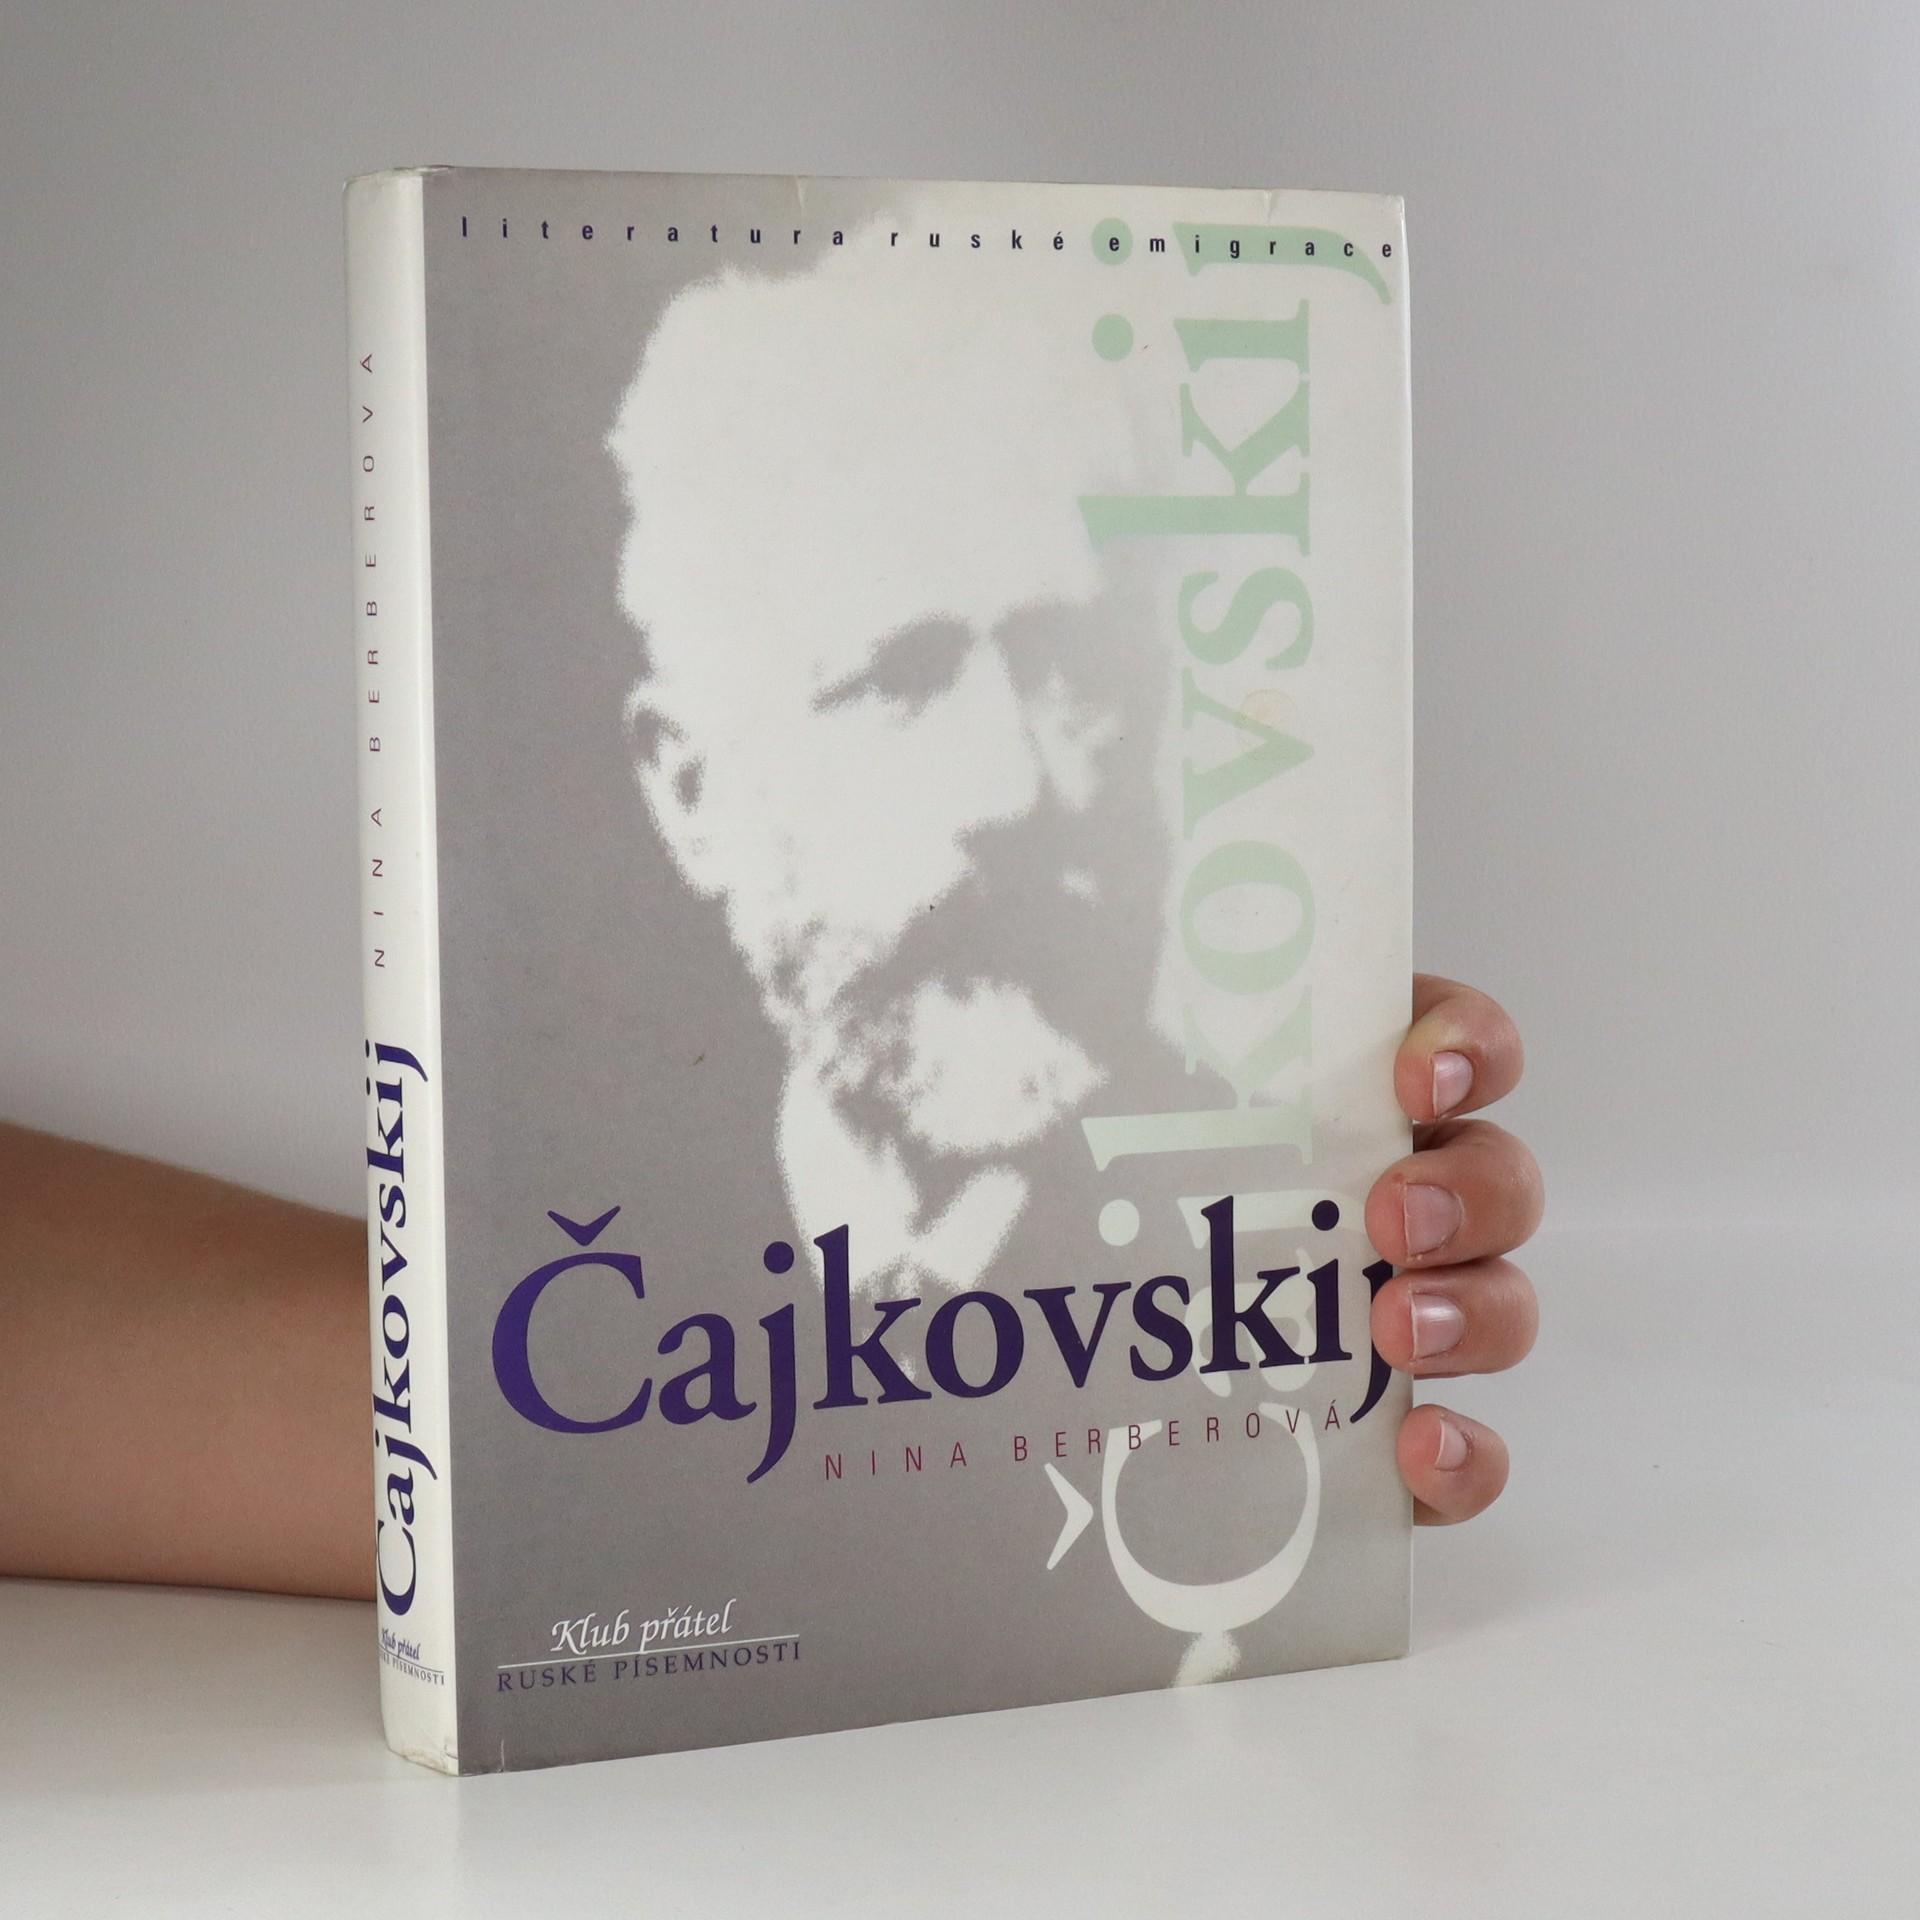 antikvární kniha Čajkovskij, 2000